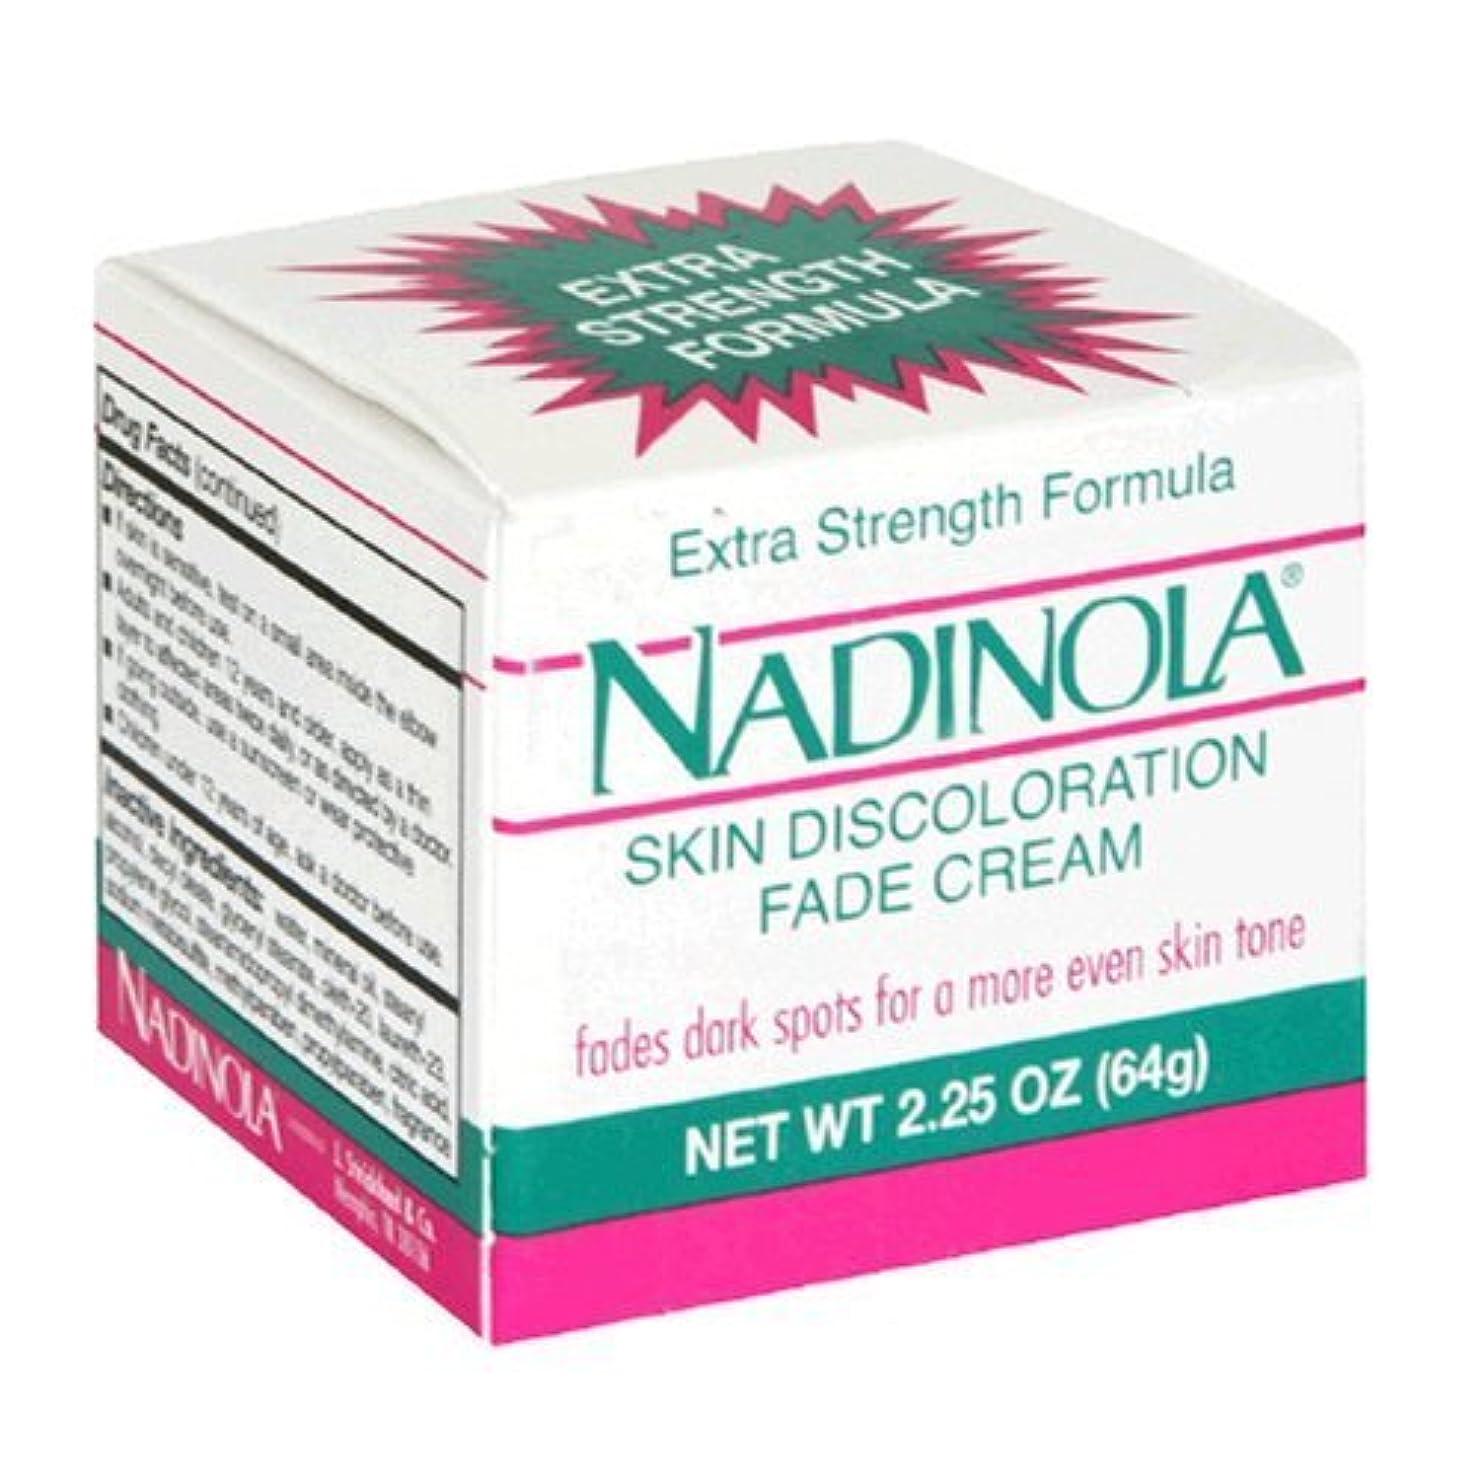 消費者からかう変形するNadinola Discoloration Fade Cream 2.25oz Extra Strength (並行輸入品)